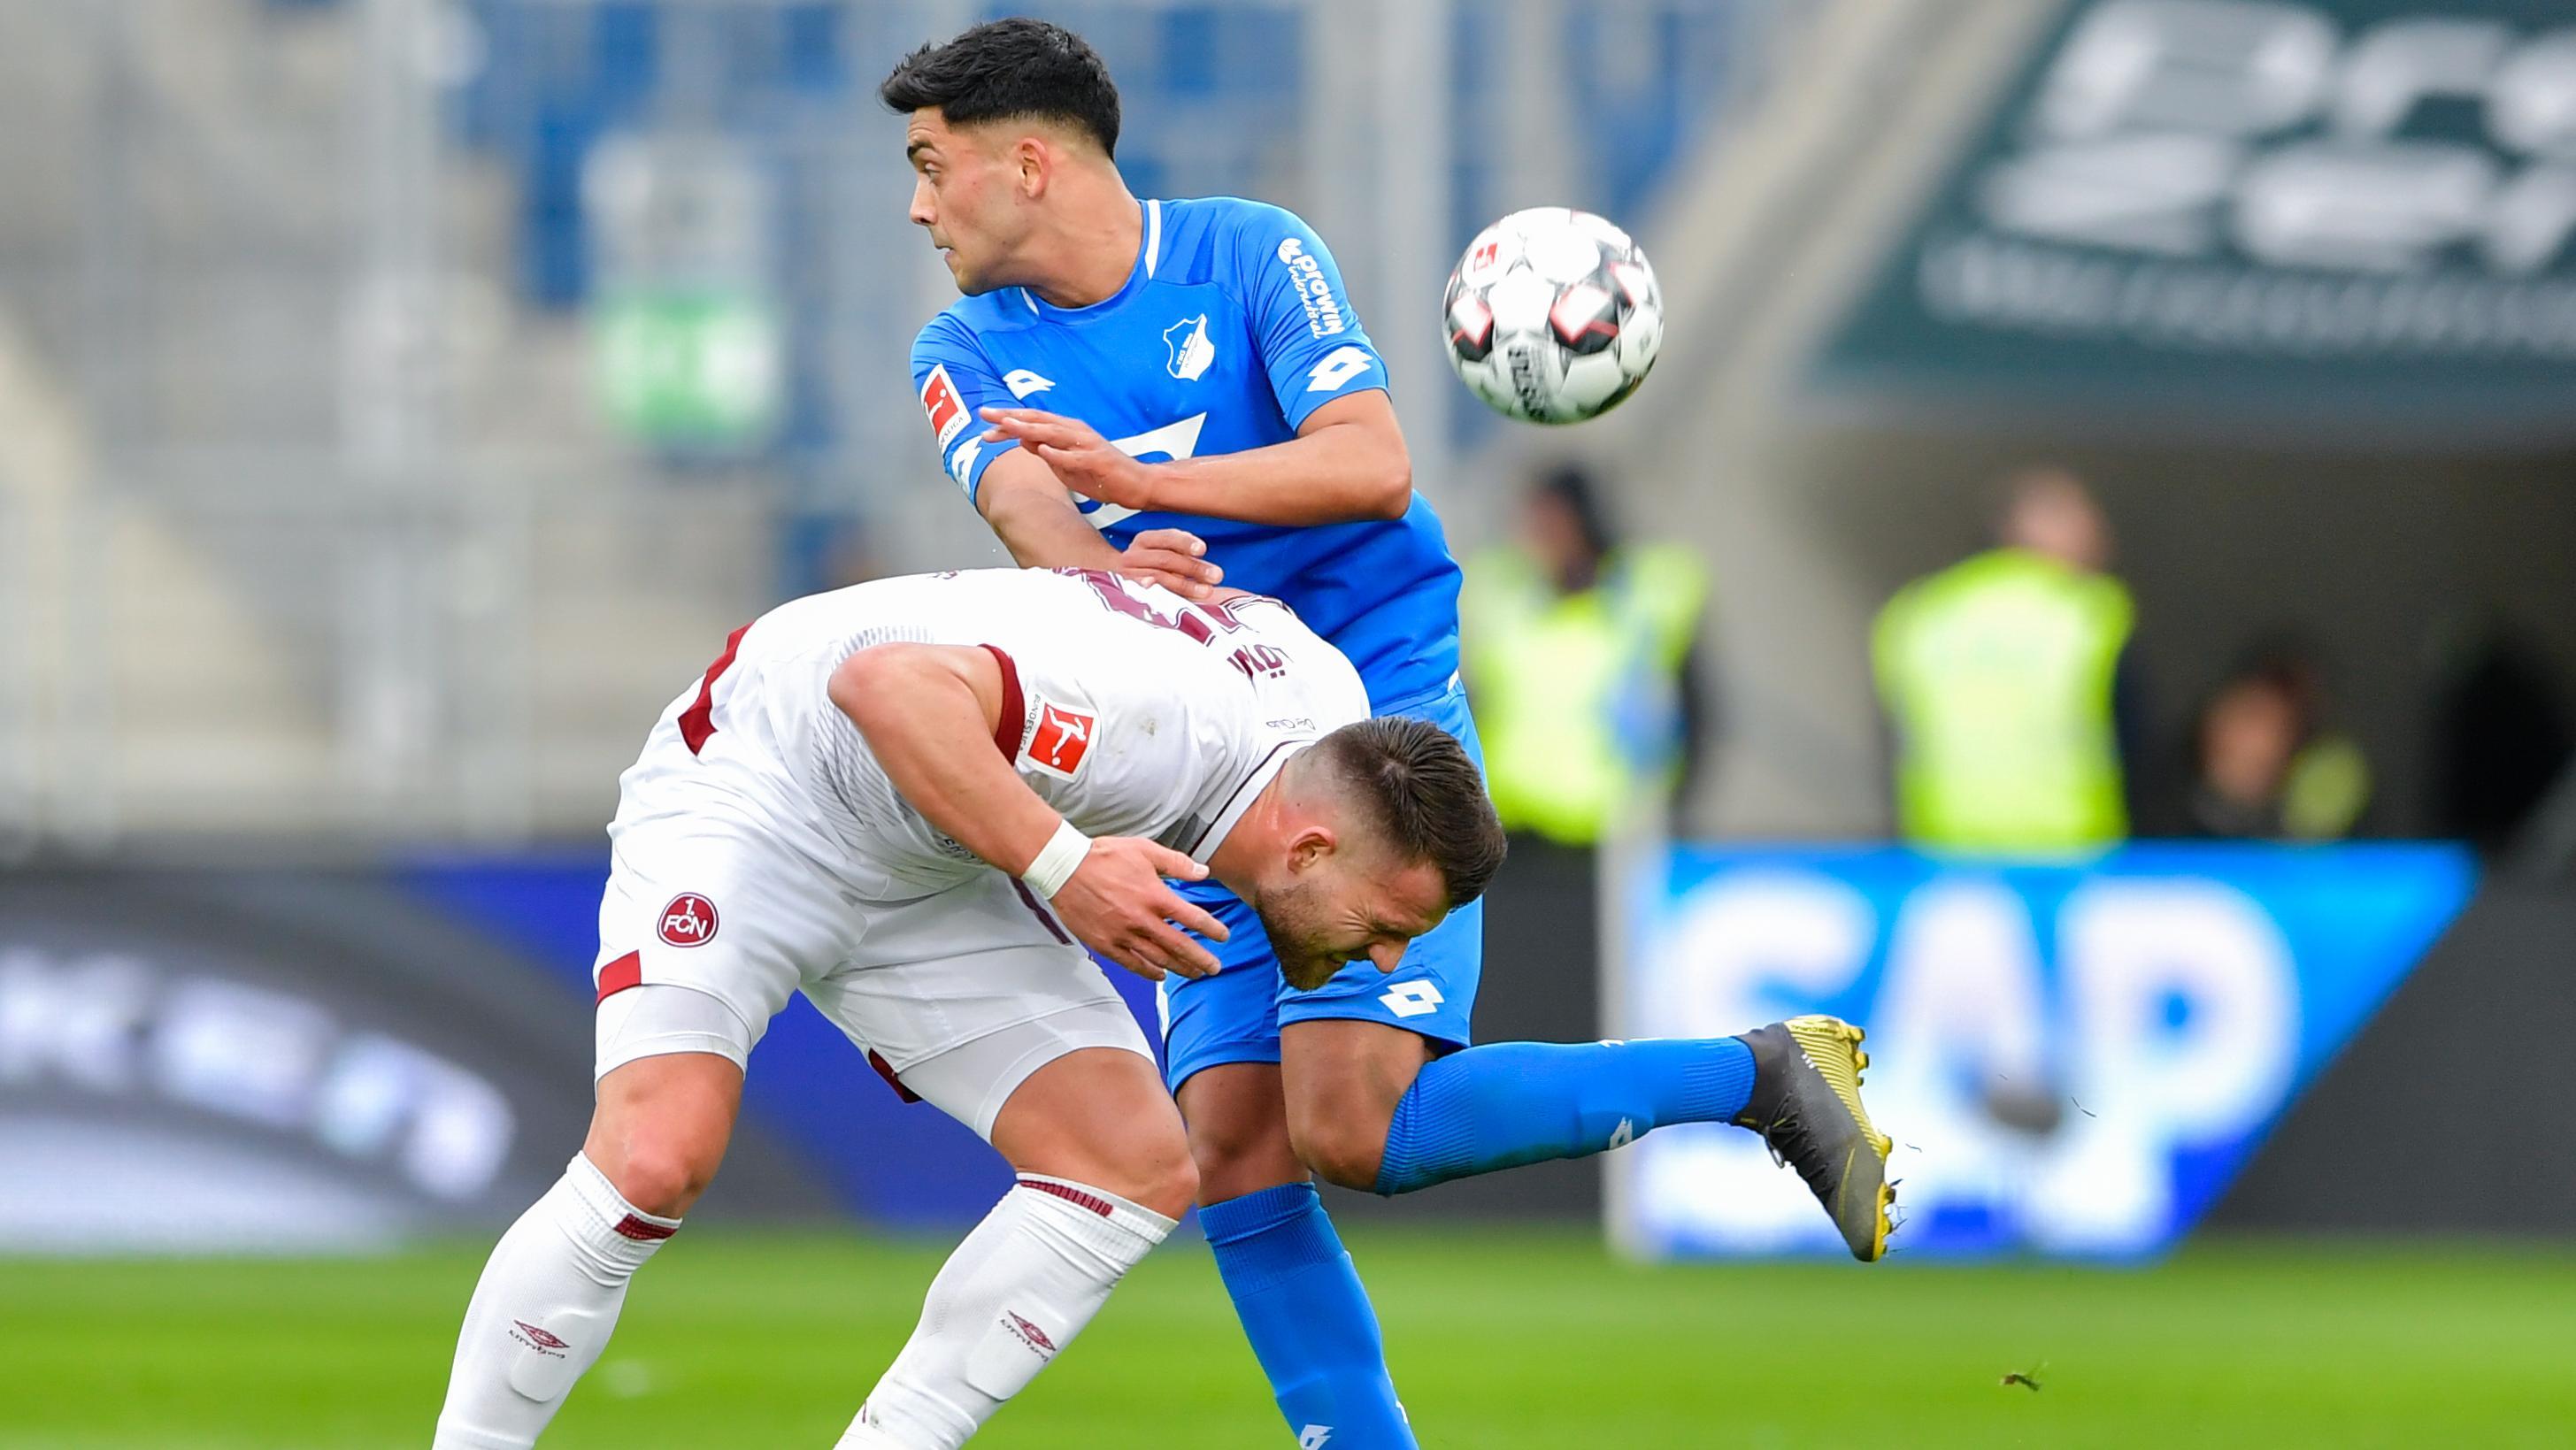 Szene aus dem Spiel Hoffenheim gegen Nürnberg